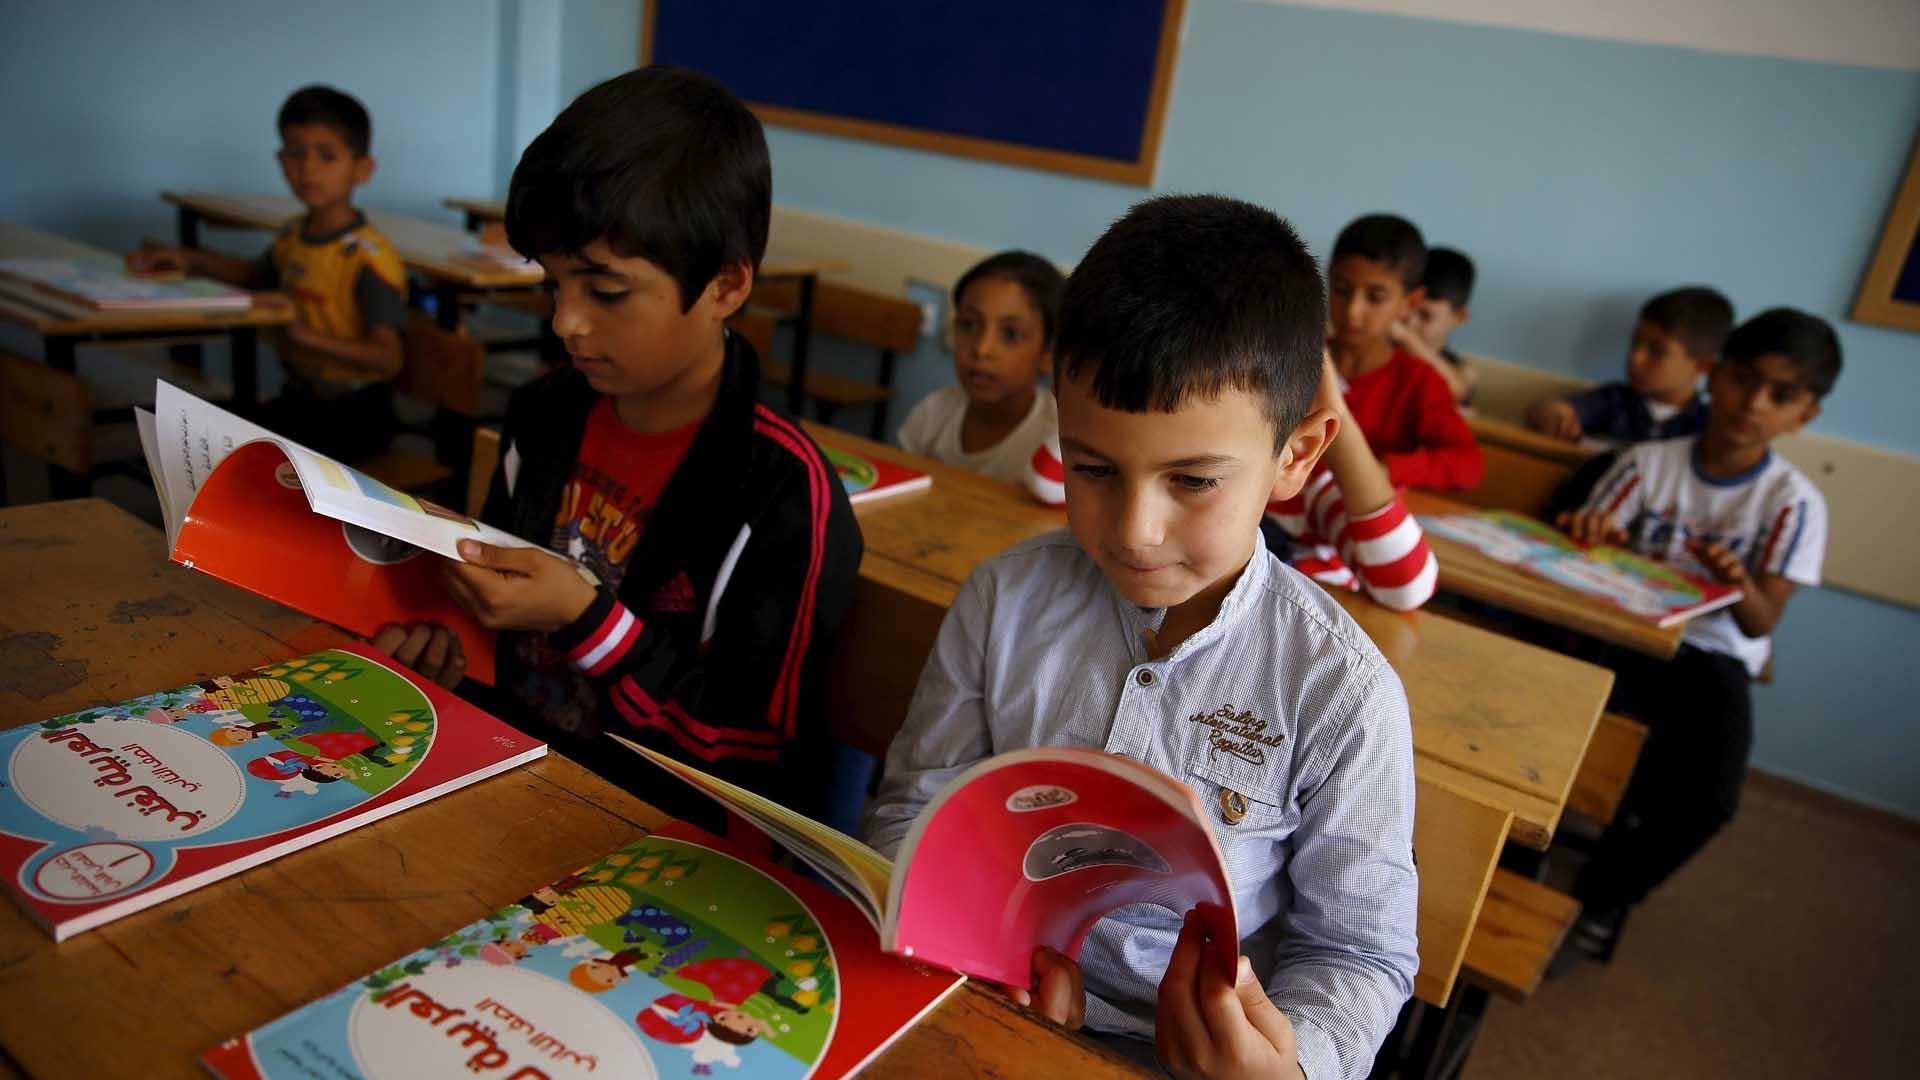 المشكلات والصعوبات التي تواجه تعليم الأطفال السوريين في تركيا